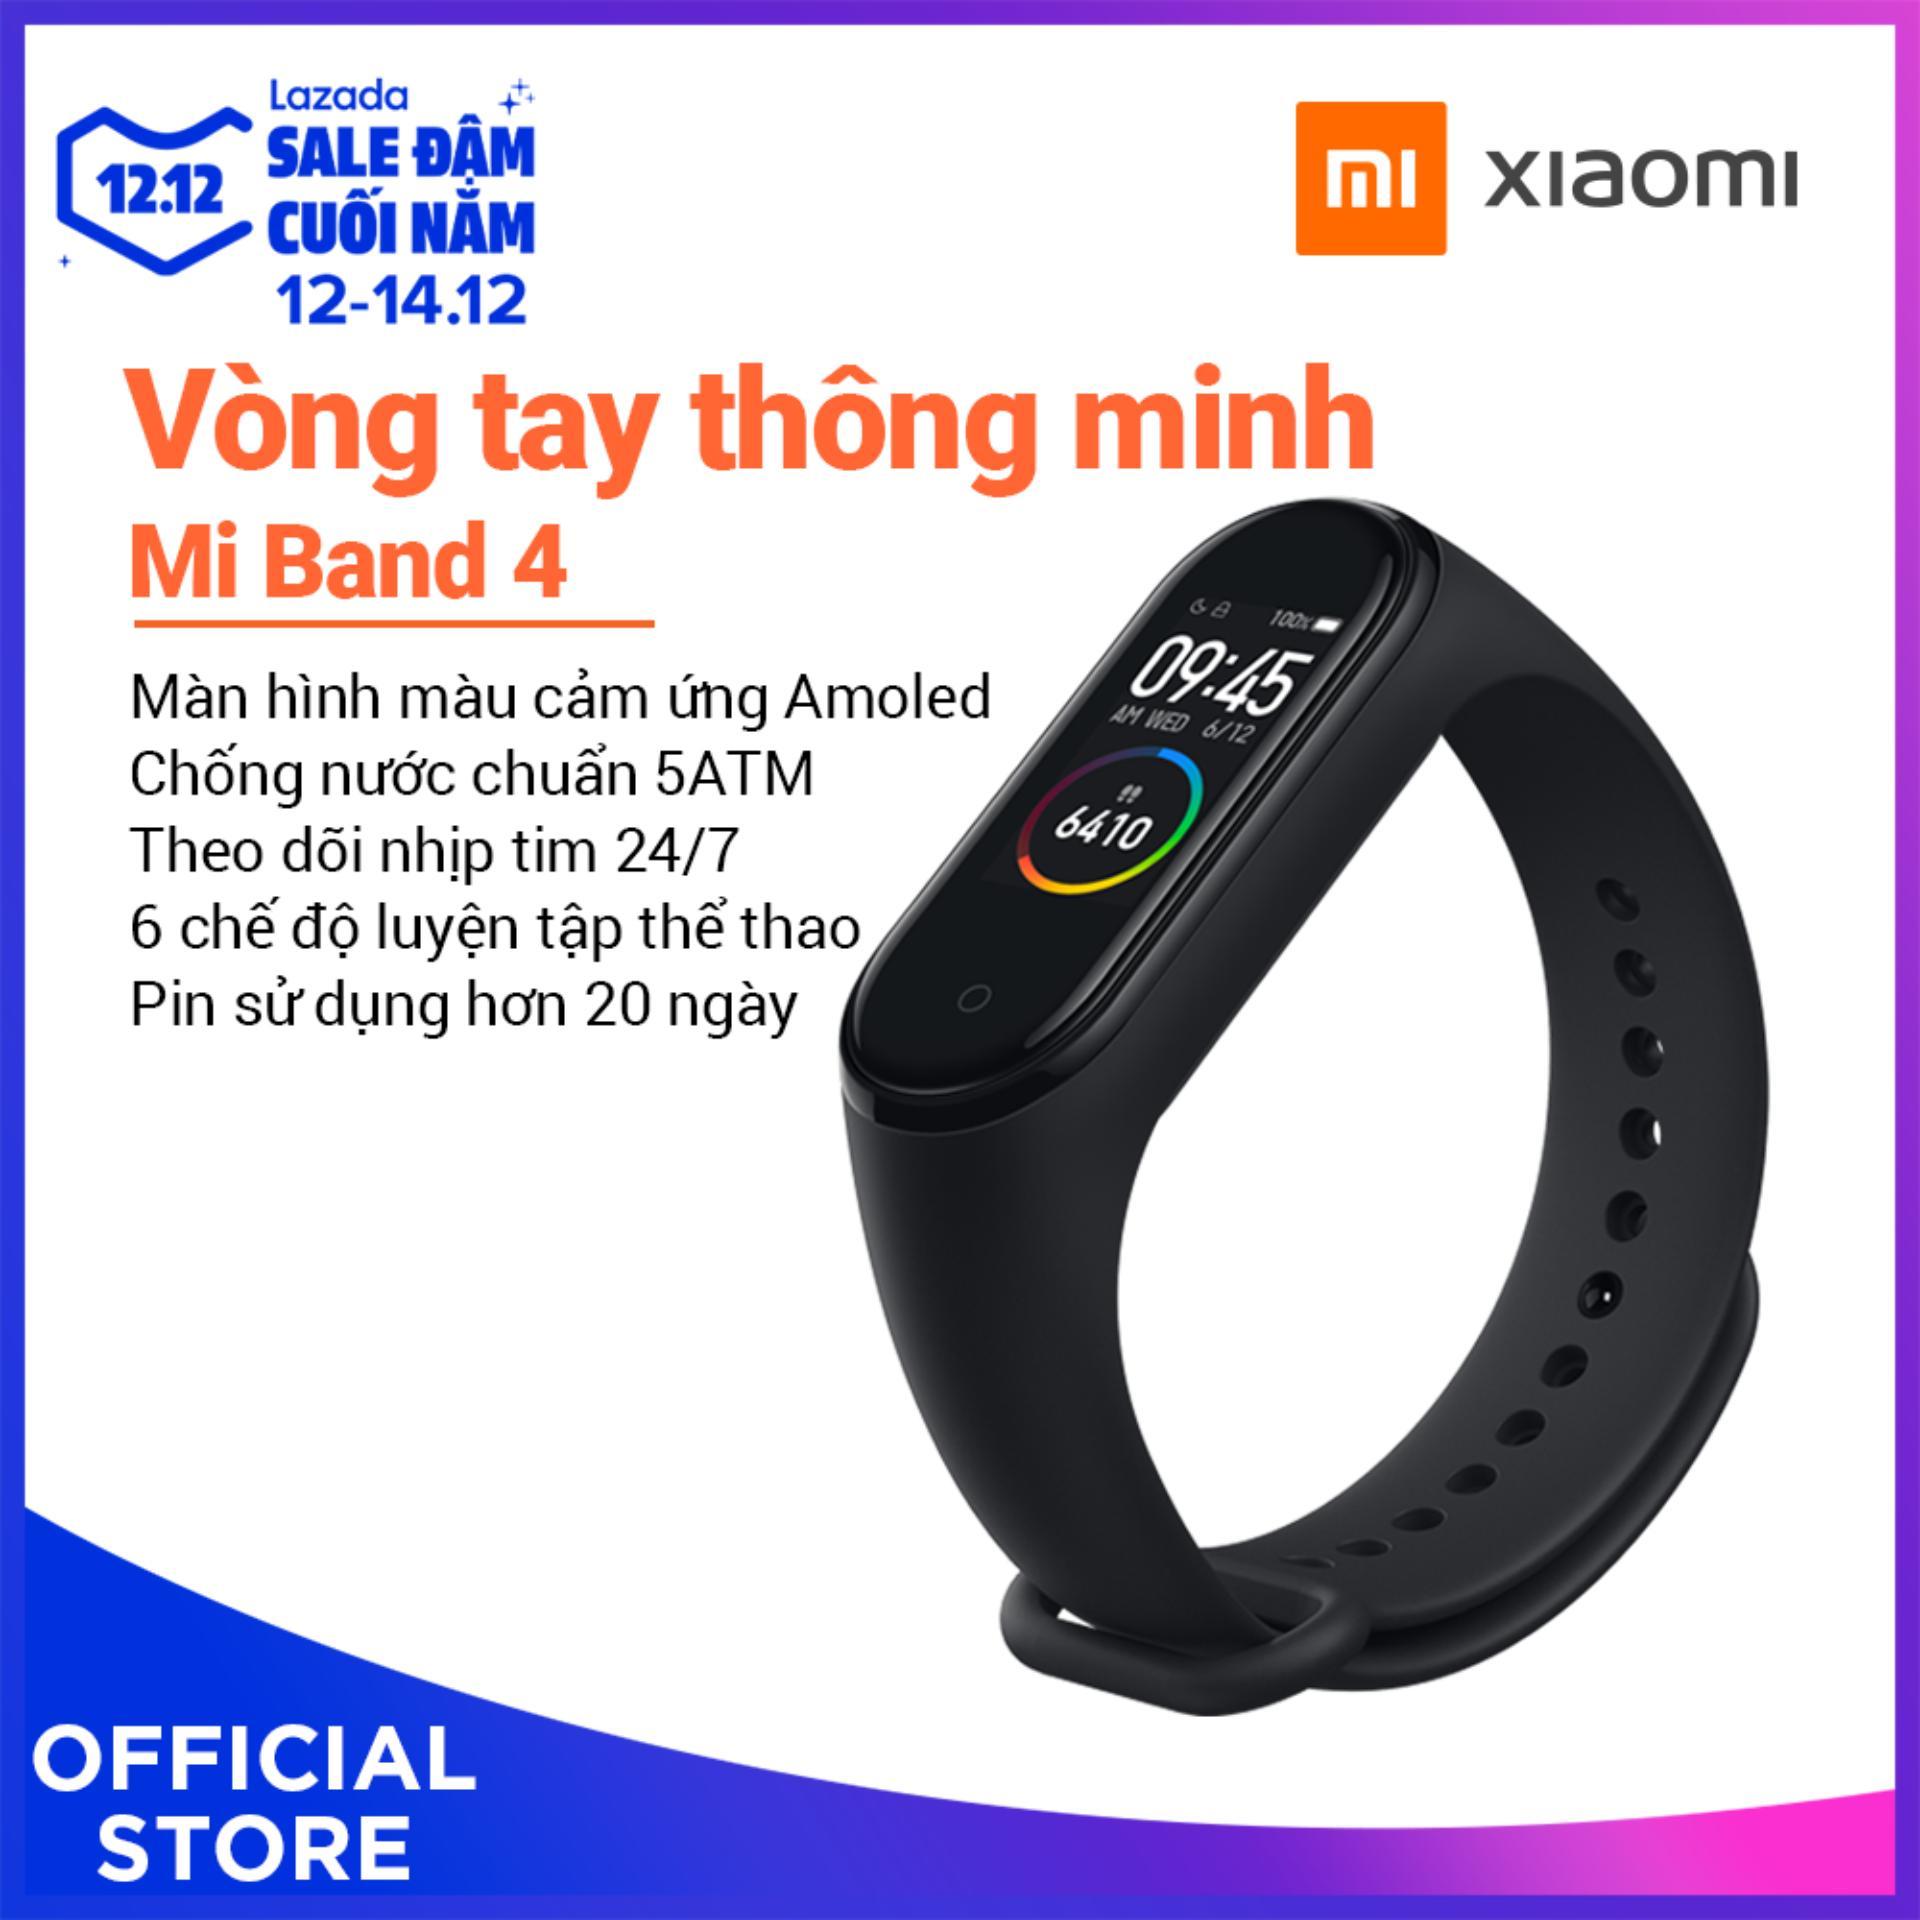 Xiaomi Official Mi Band 4 Đen_ Hàng Chính Hãng, Bảo Hành Bằng Tem 12 Tháng Giảm Cực Sốc